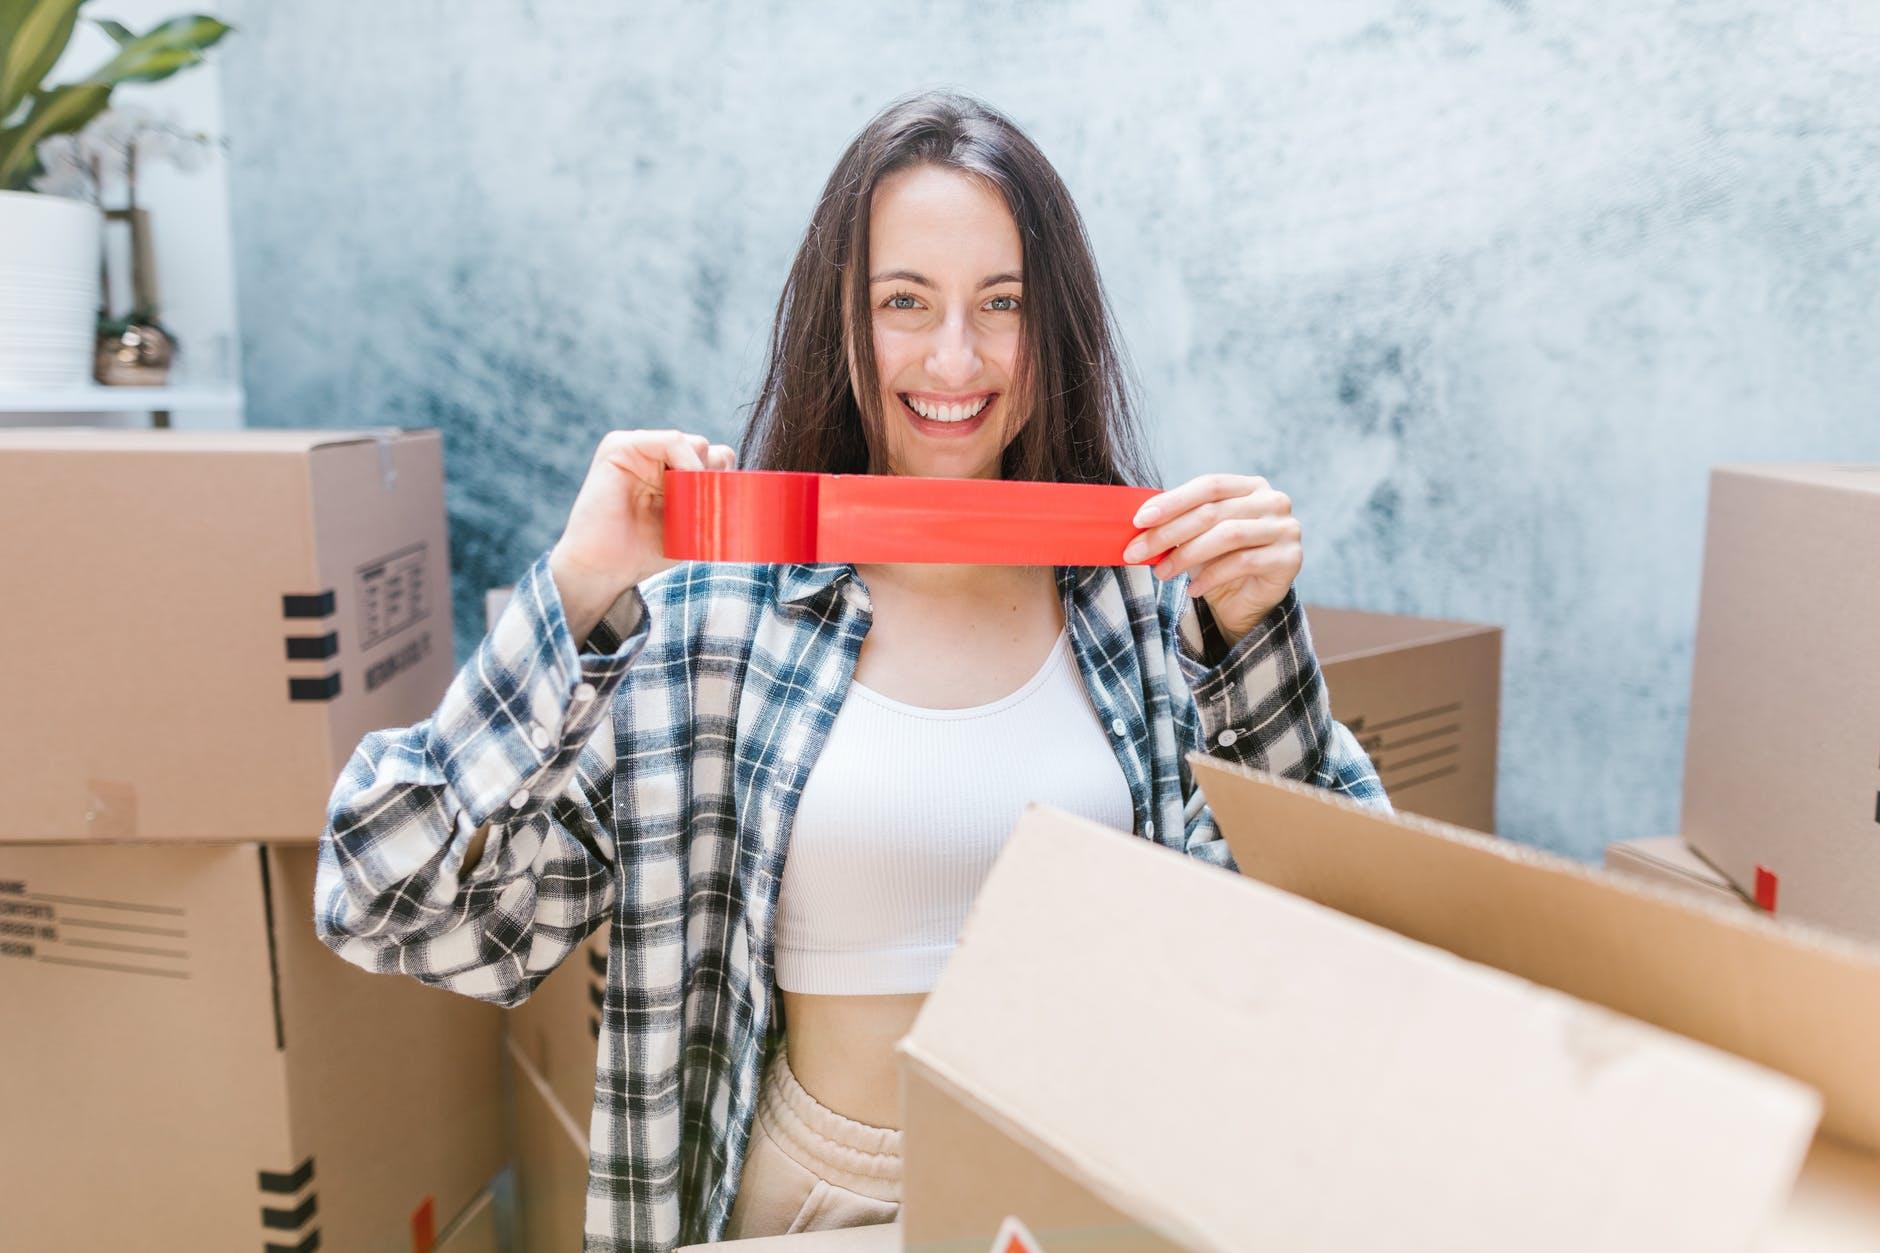 žena, škatule, páska